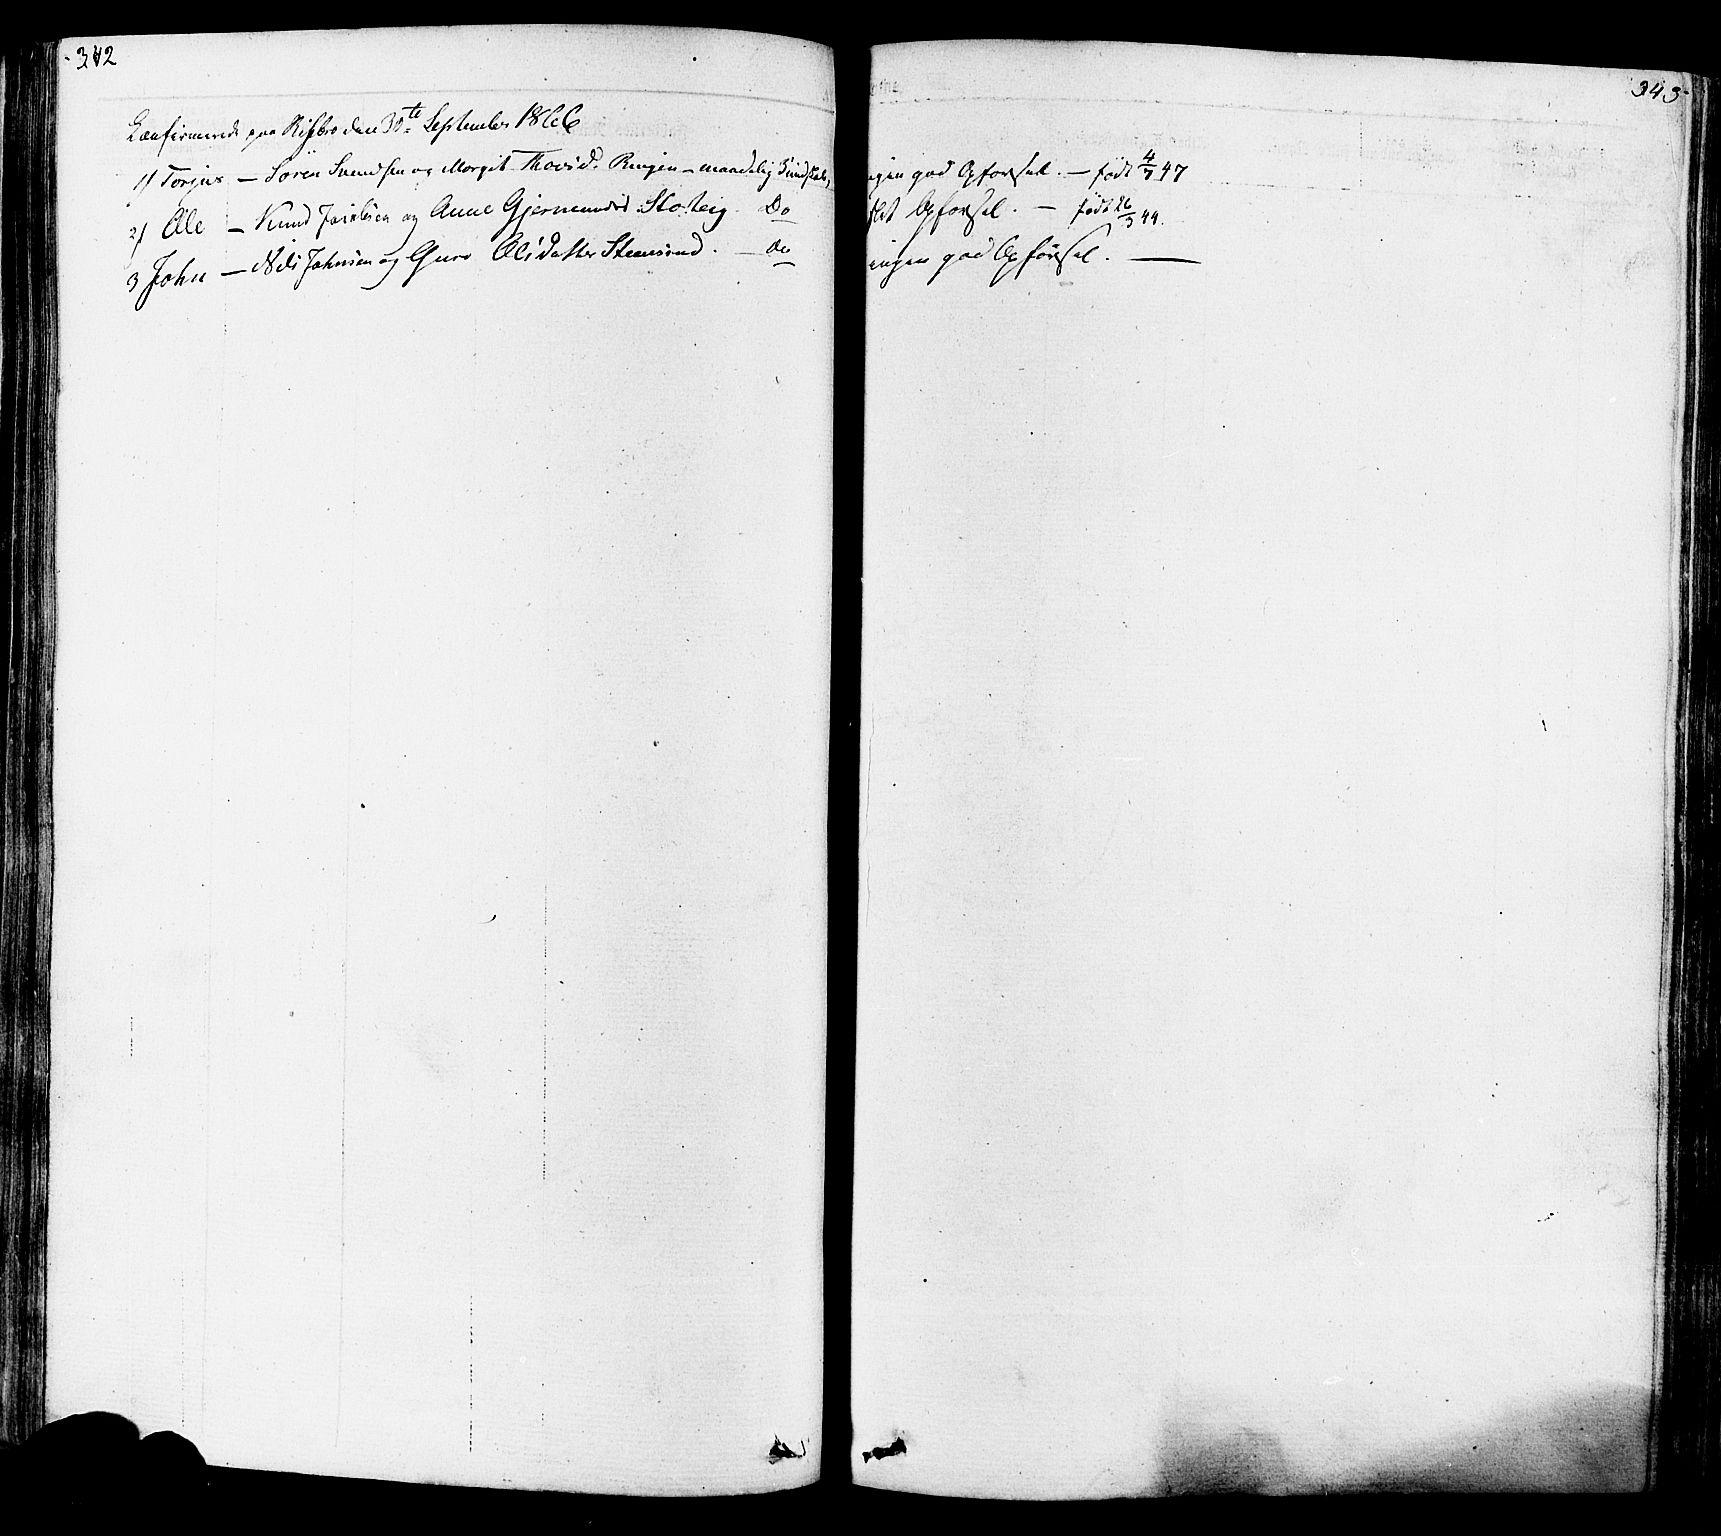 SAKO, Seljord kirkebøker, F/Fa/L0013: Ministerialbok nr. I 13, 1866-1876, s. 342-343